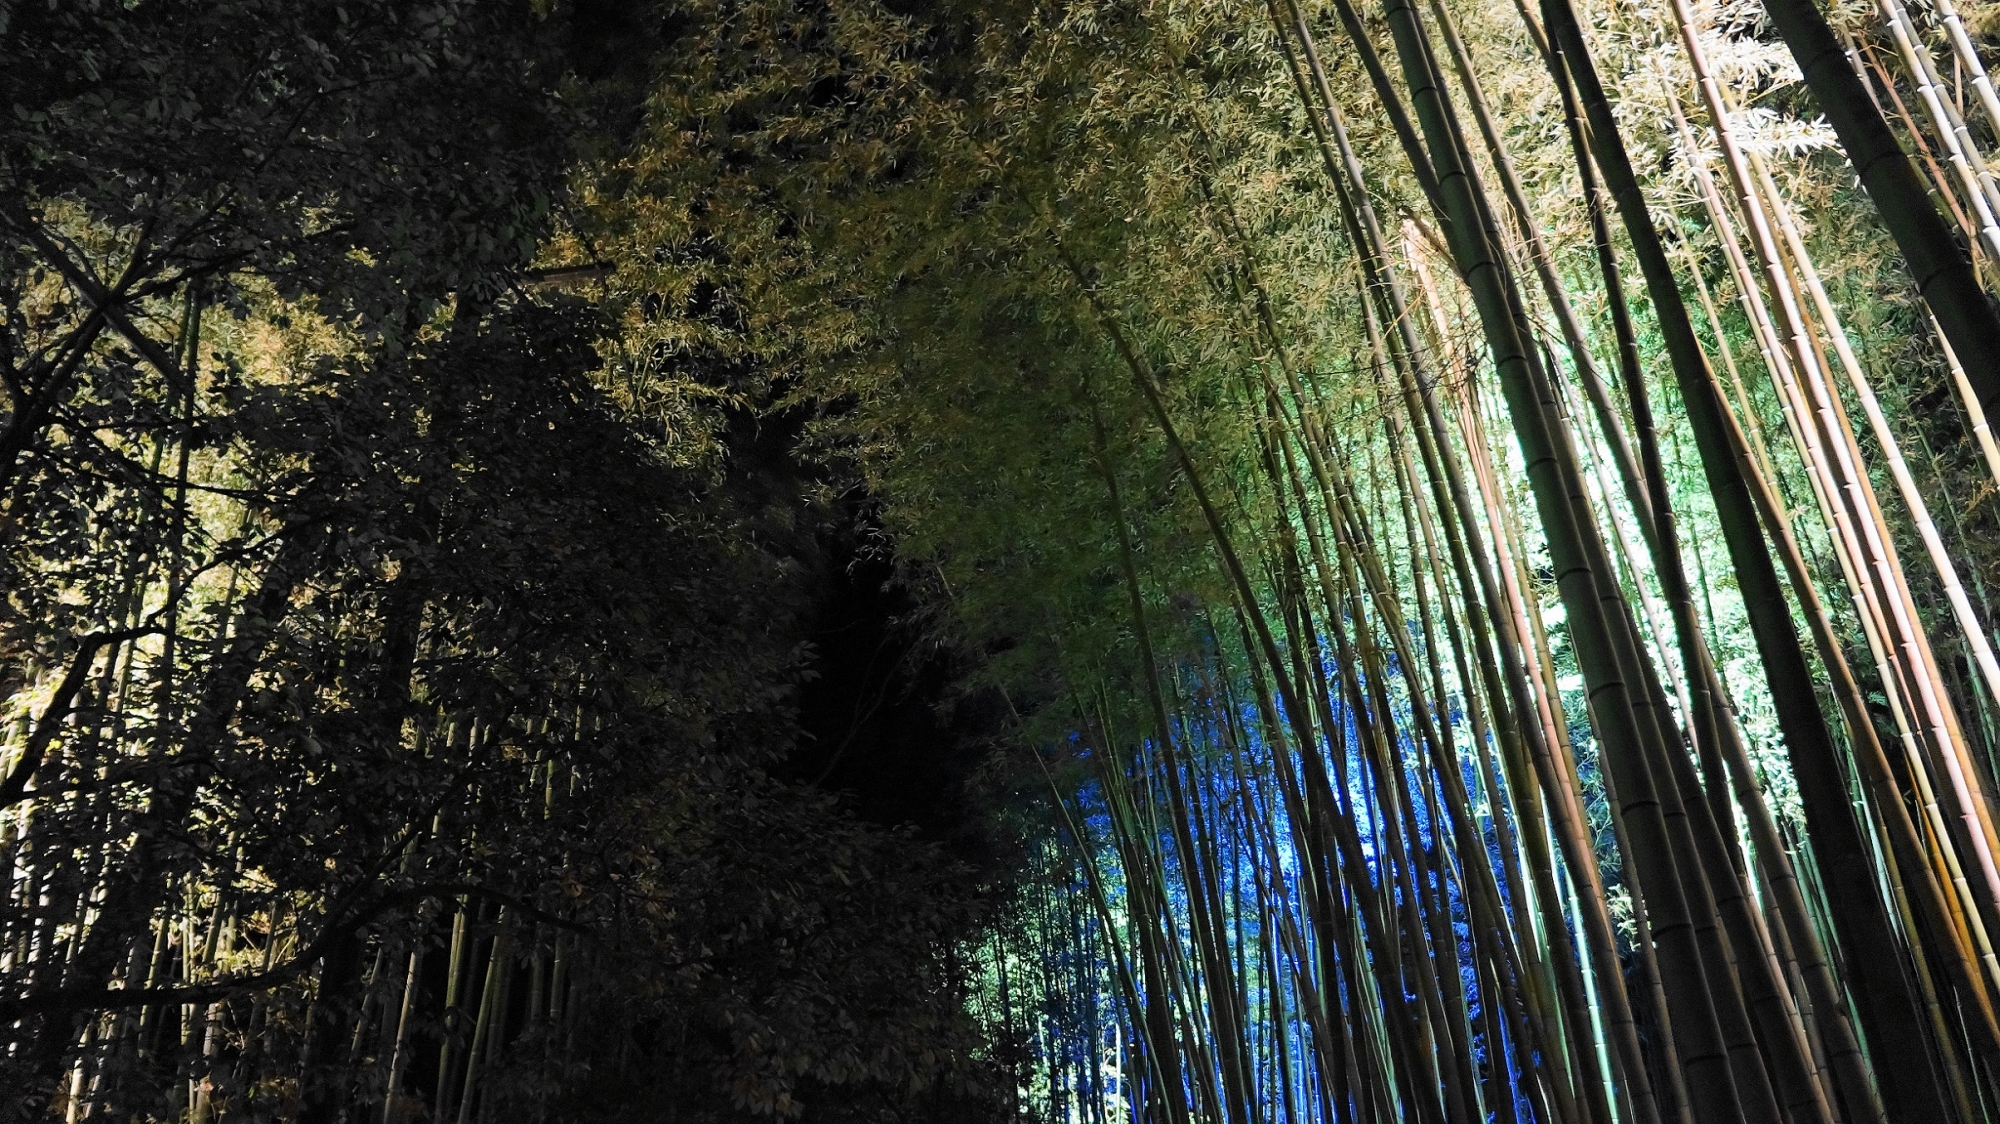 見事な青色の竹林ライトアップ